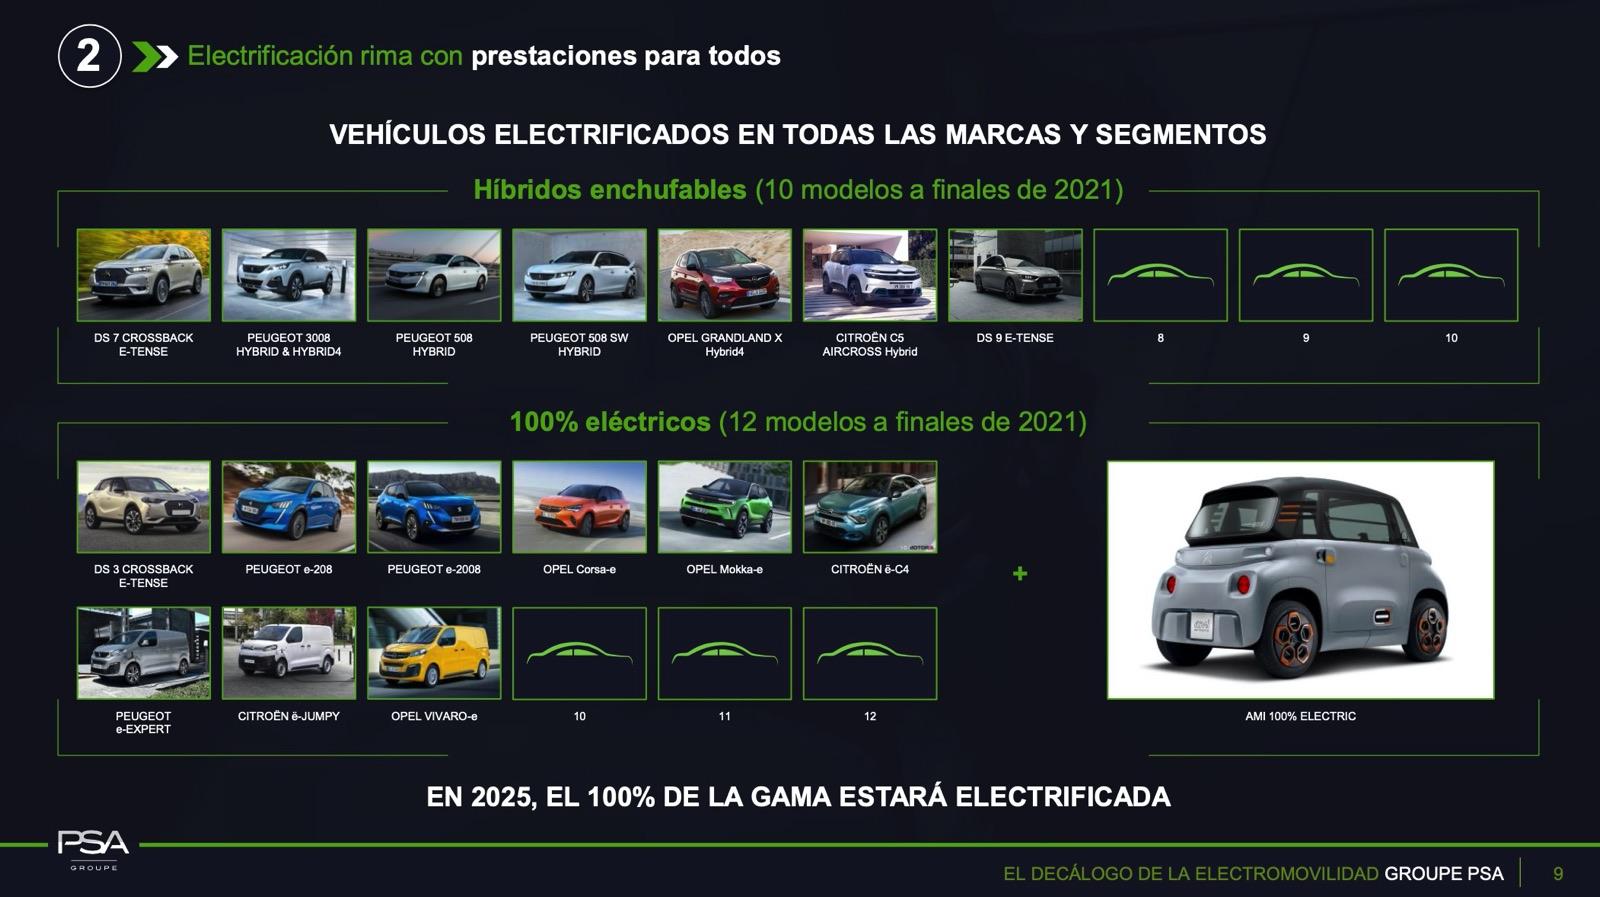 Modelos electrificados del Grupo PSA en 2020